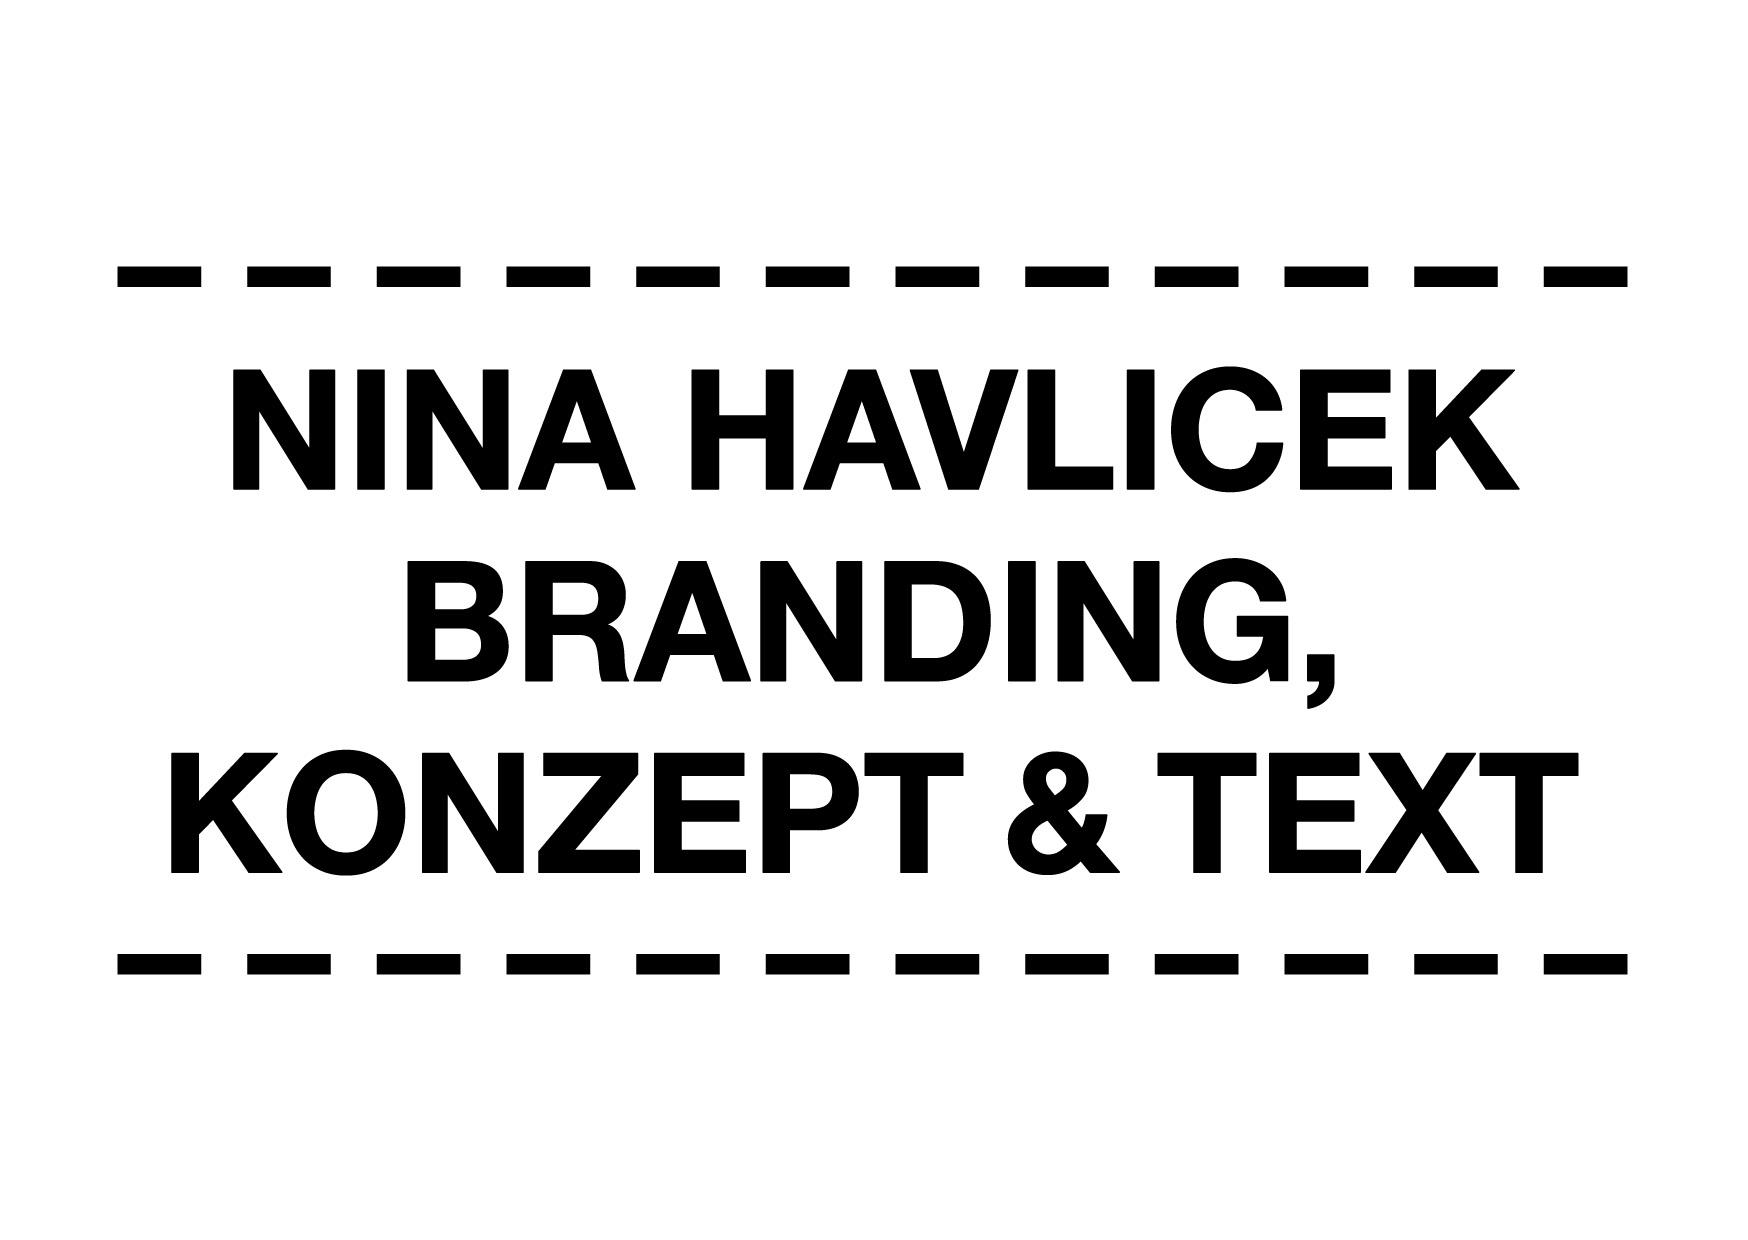 NinaHavlicek